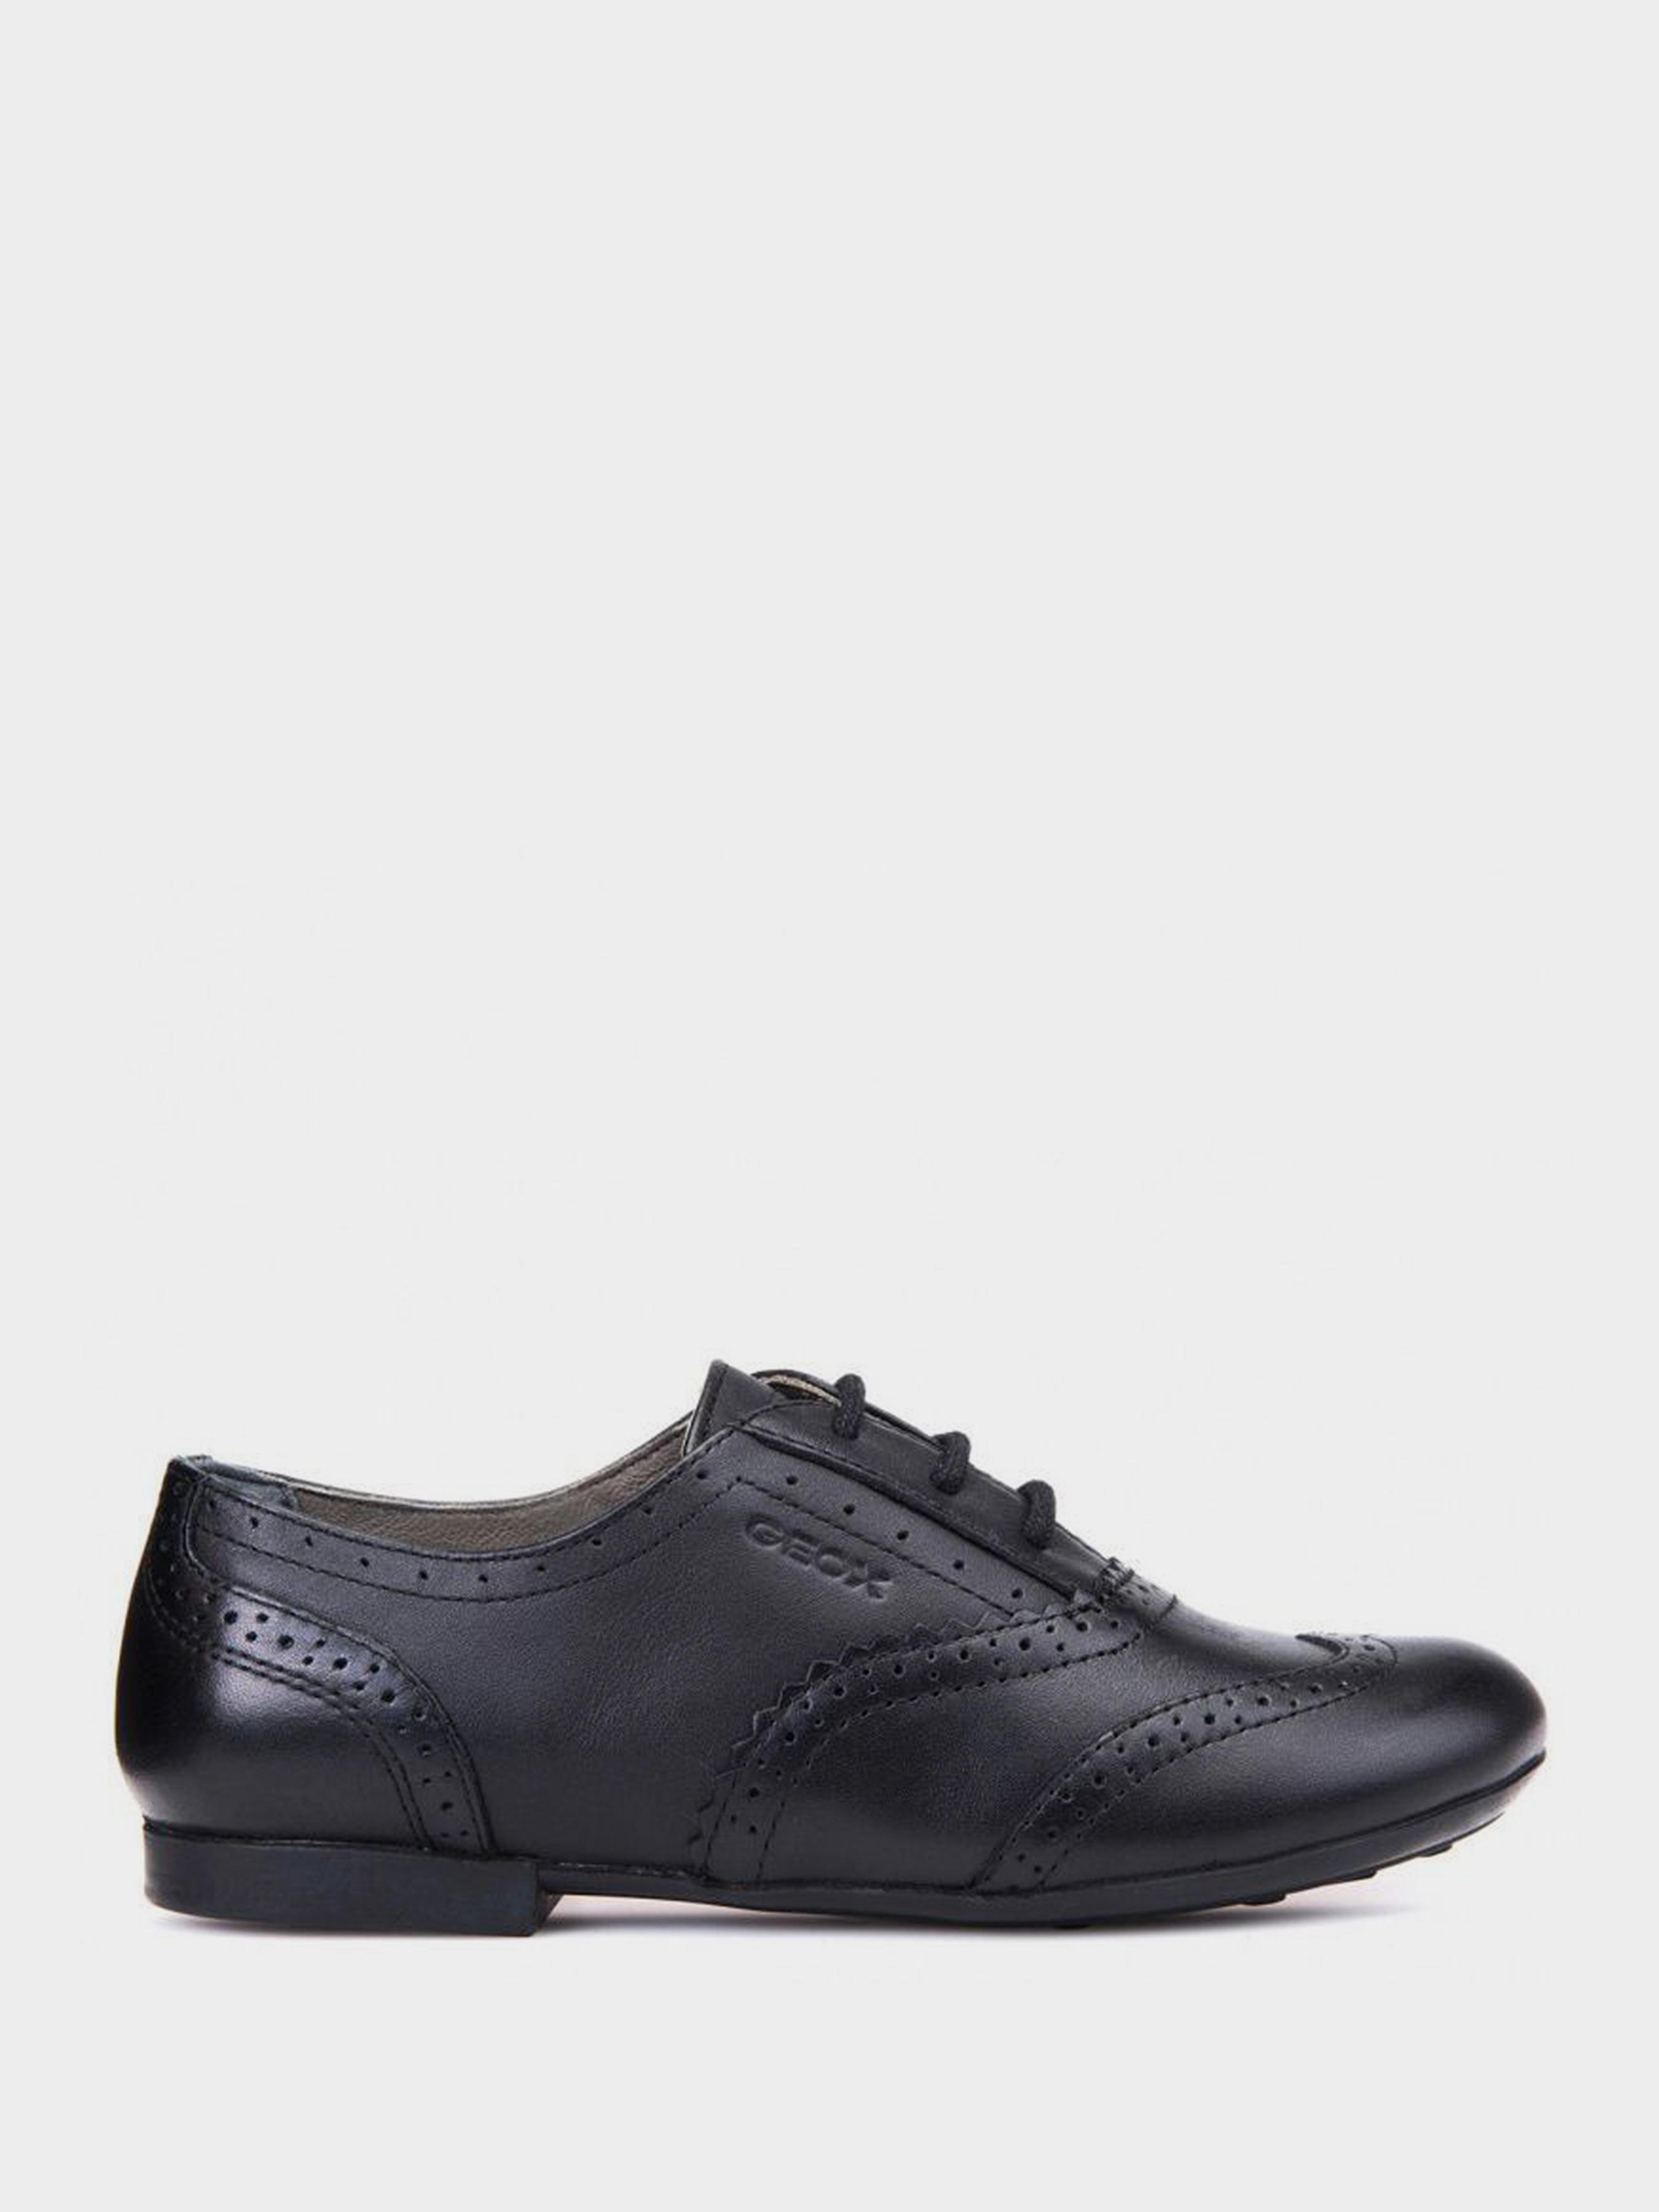 Полуботинки для детей Geox JR PLIE' XK5934 размеры обуви, 2017